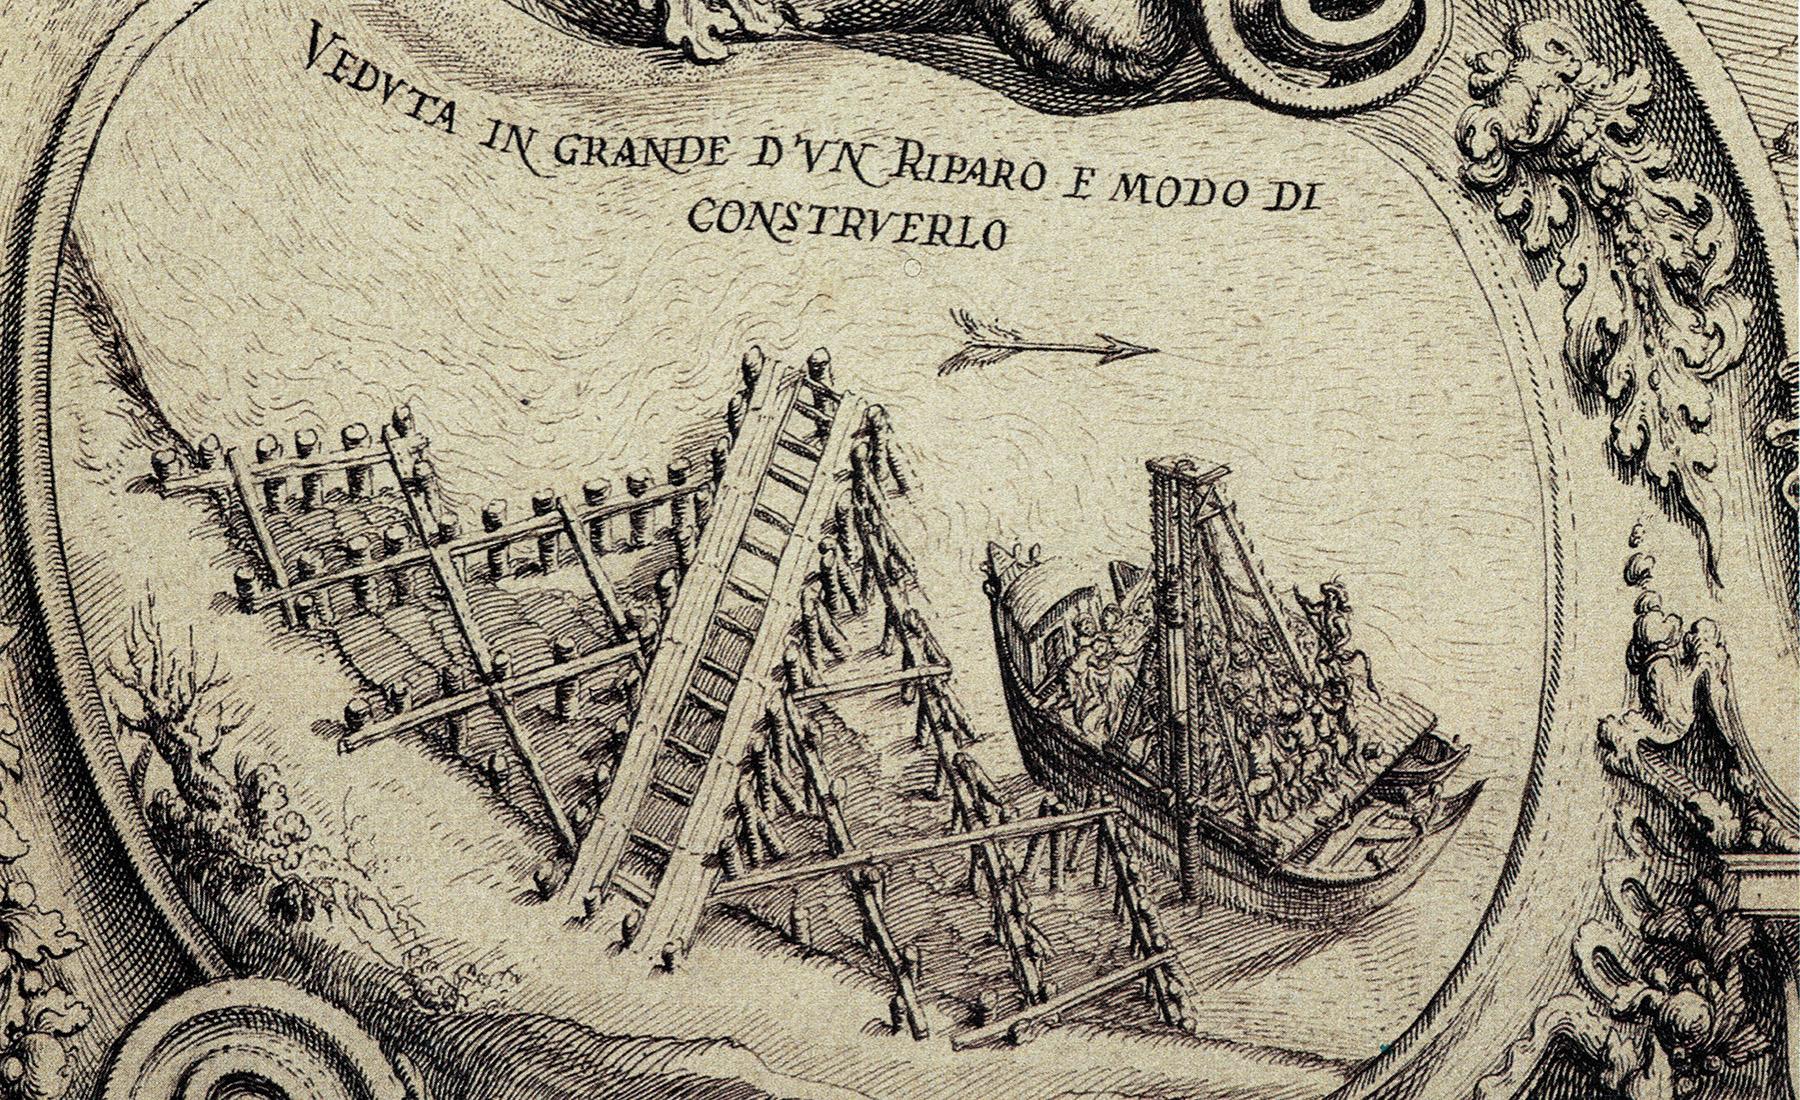 Teatro Sociale Gualtieri – Mappario Estense – Pianta topografica fiume Po – anno 1700 – particolare 2 – 1800×1100